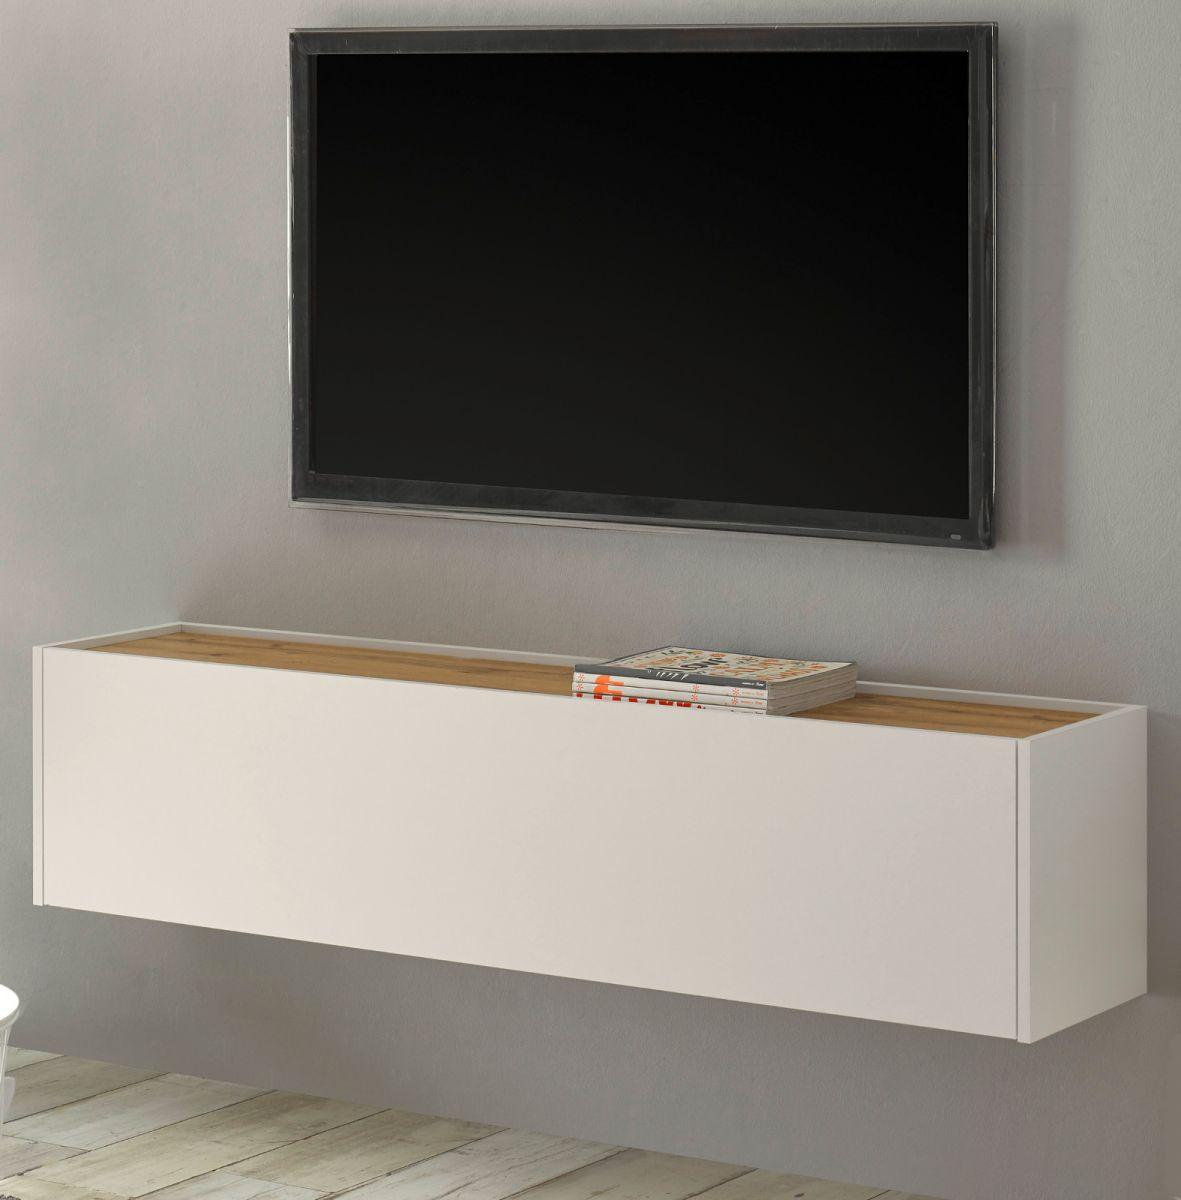 TV-Lowboard hängend Center in weiss und Eiche Wotan 150 cm